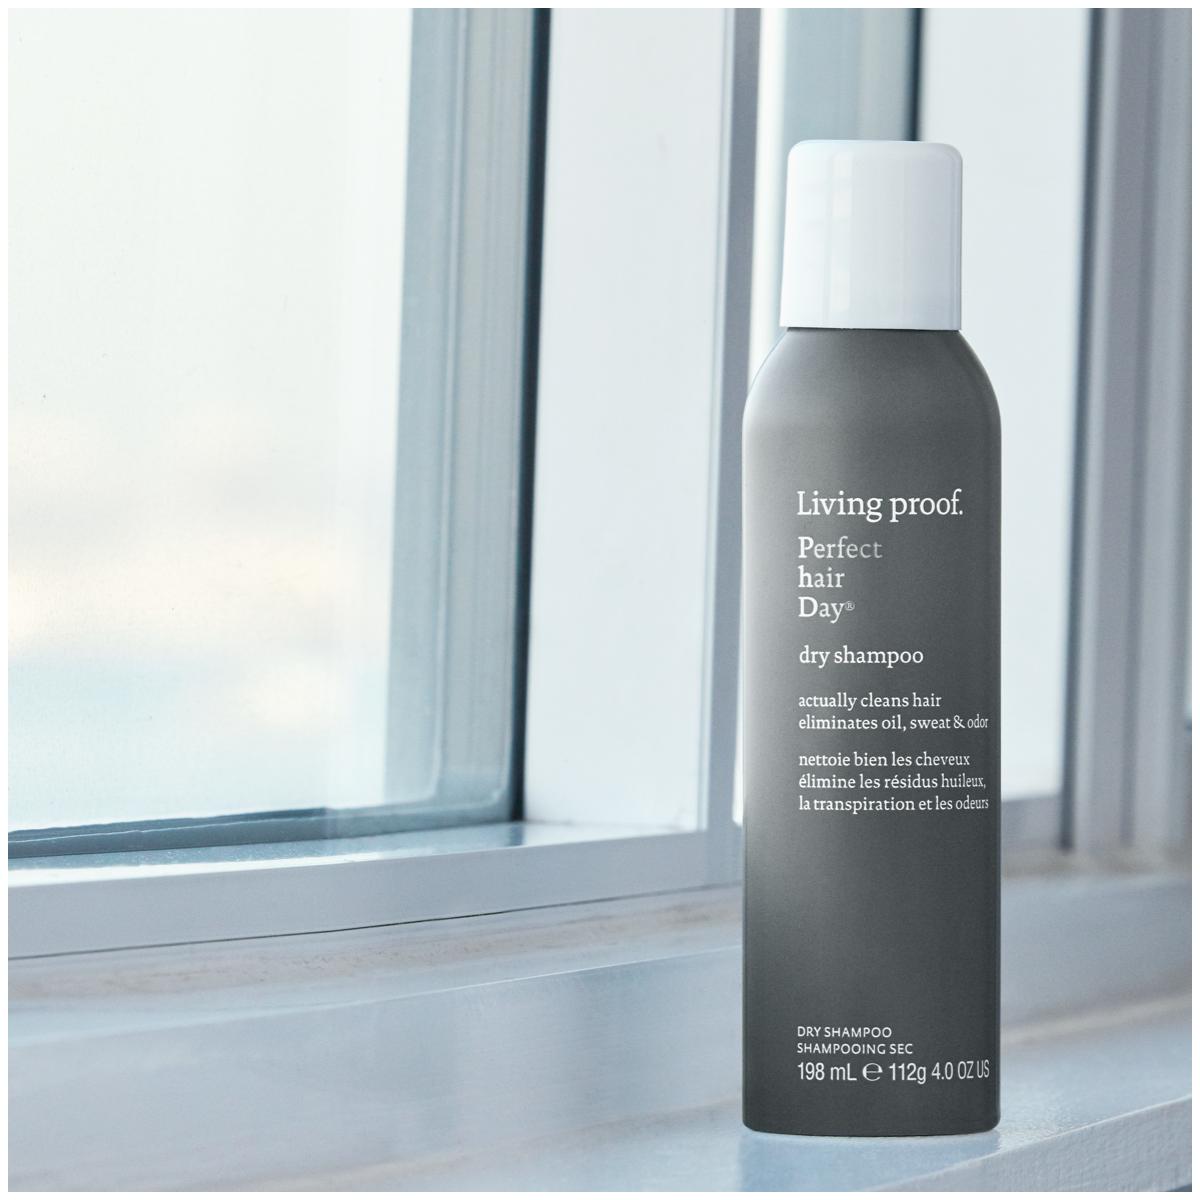 Spray your hair clean